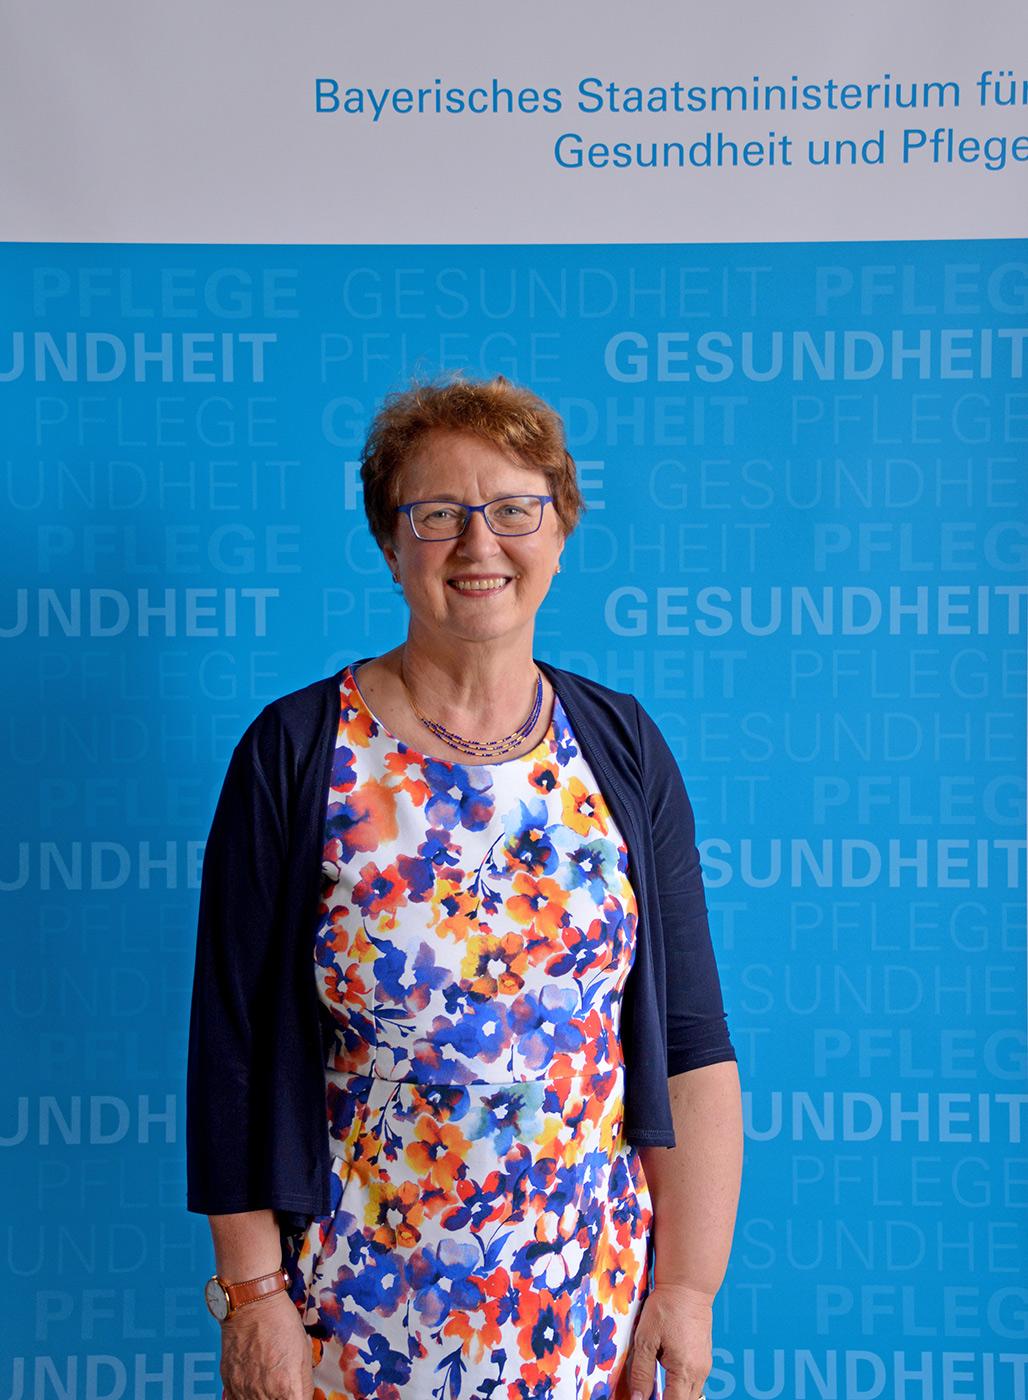 Prof. Orsolya Genzel-Boroviczény, Mitglied der Bayerischen Ethikkommission für Präimplantationsdiagnostik